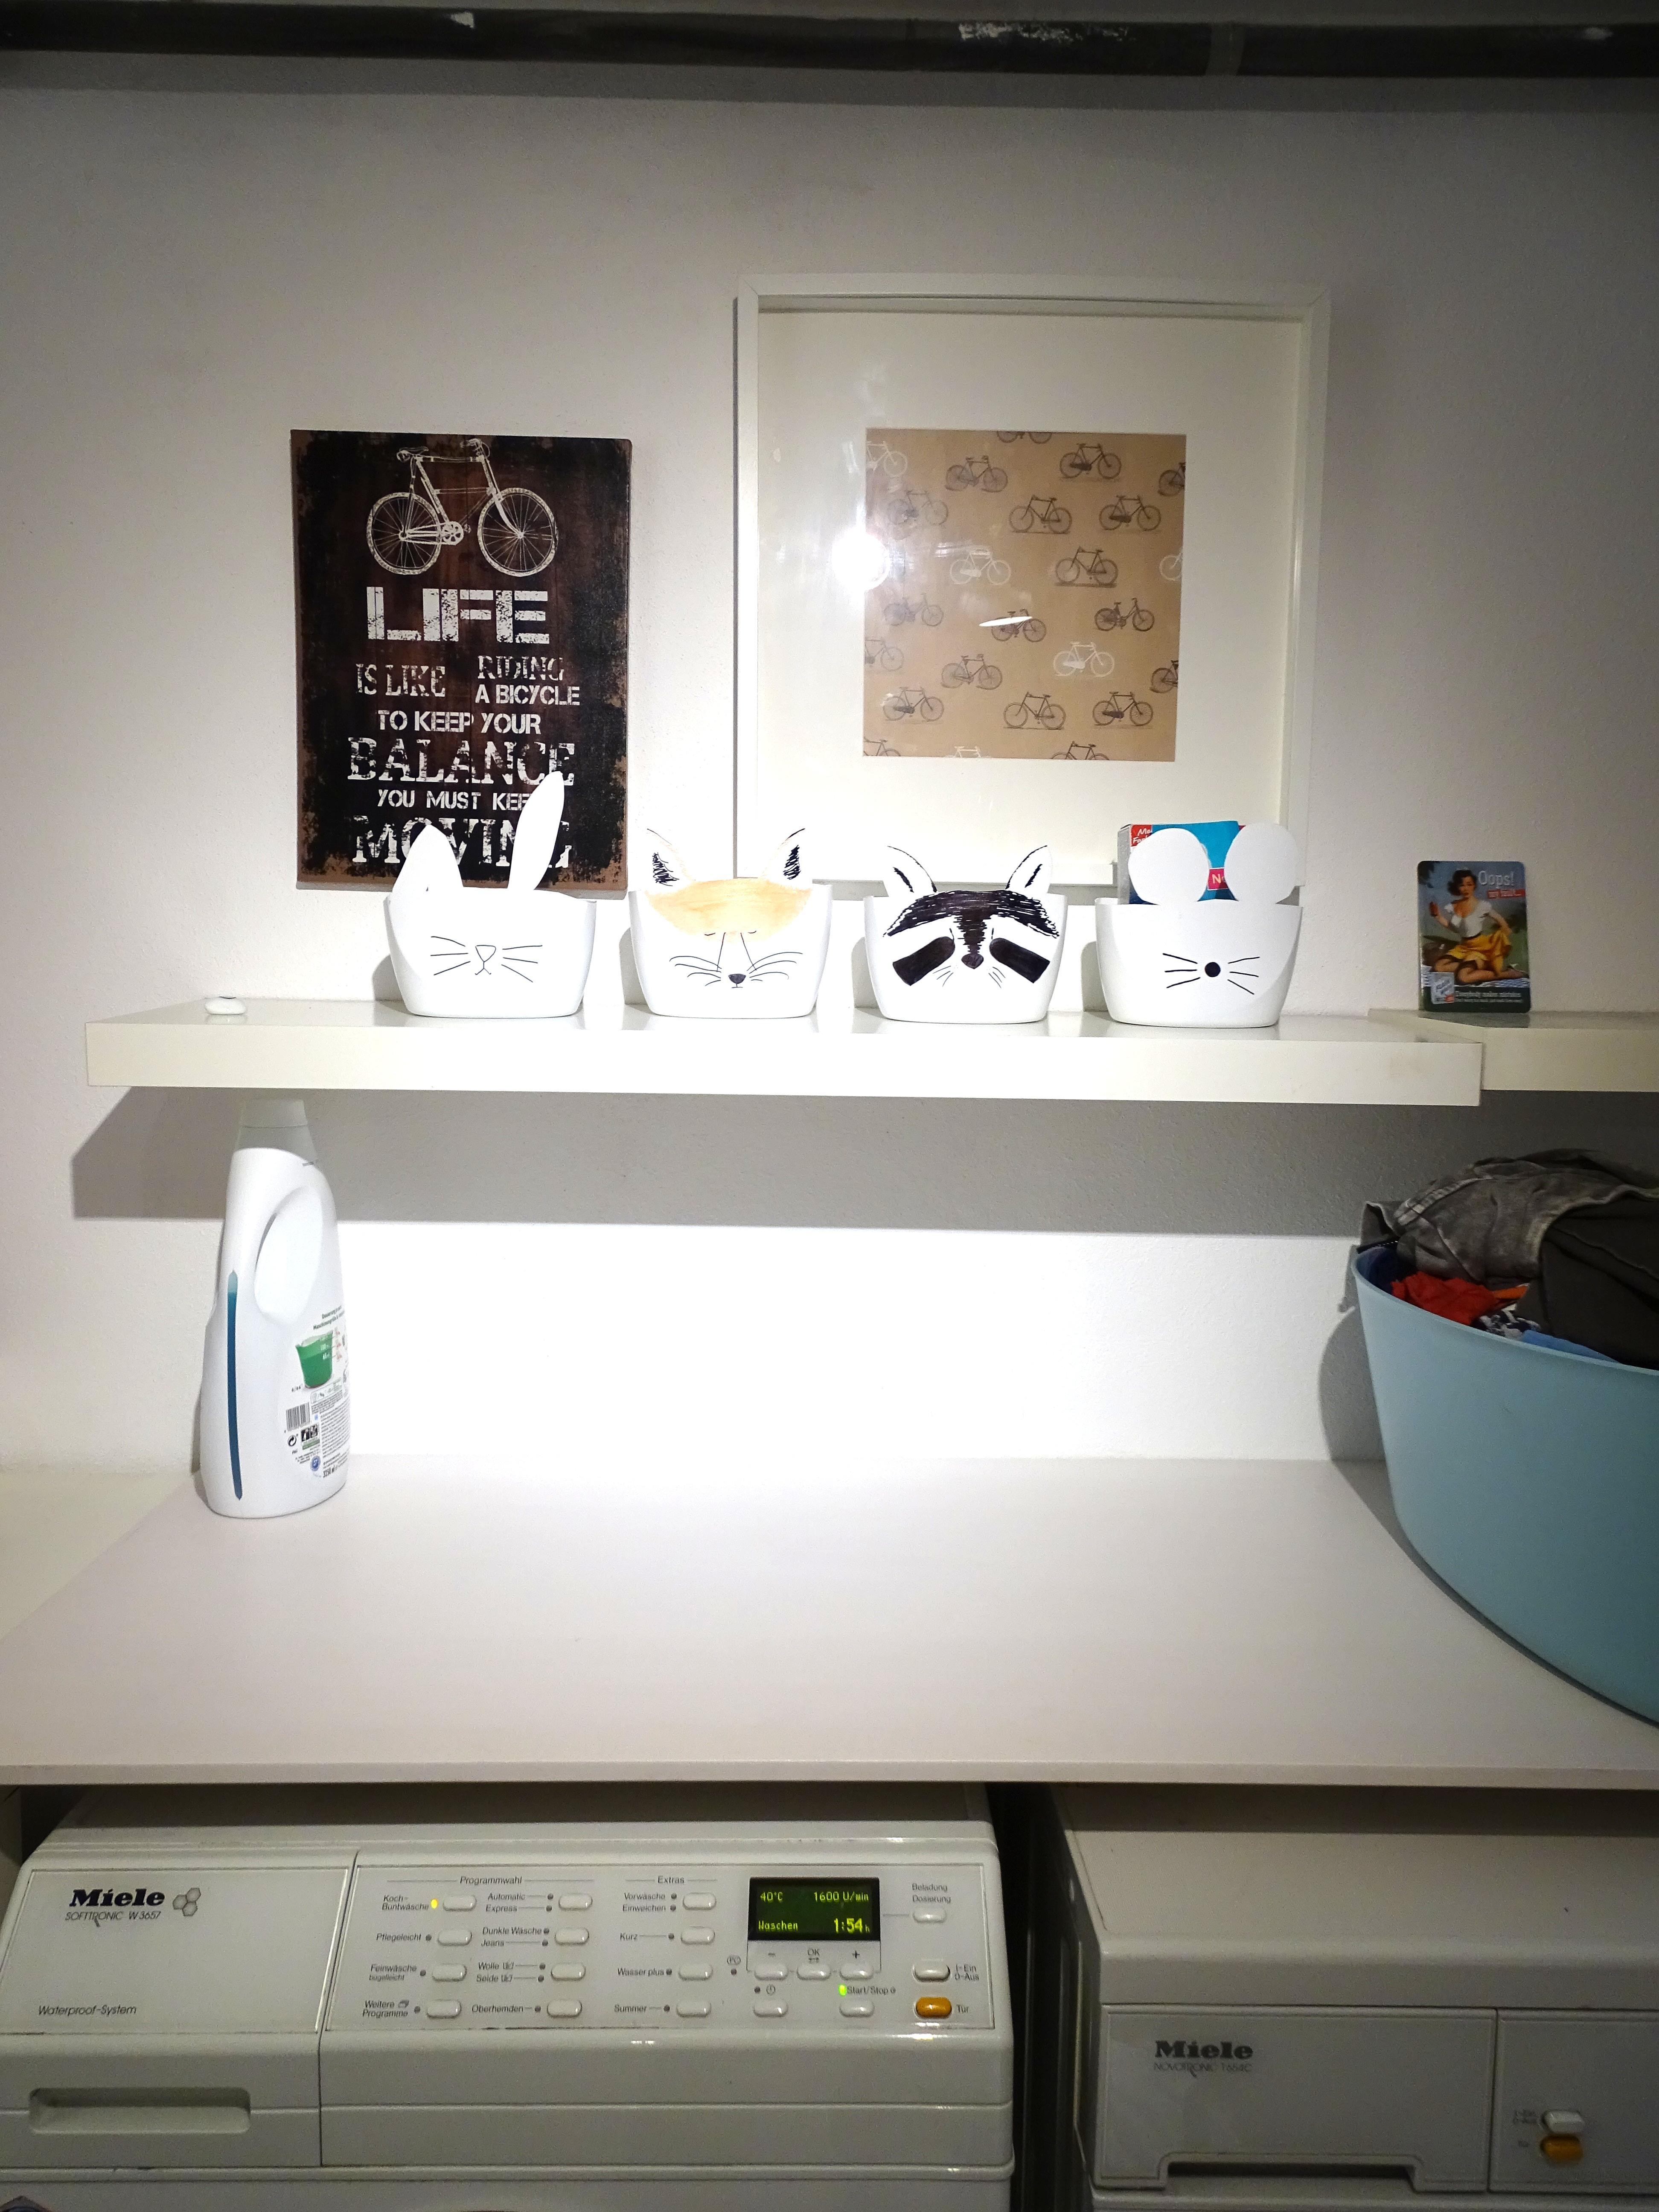 Miele Wäschetrockner und Miele Waschmaschine, Waschkücheneinrichtung Idee